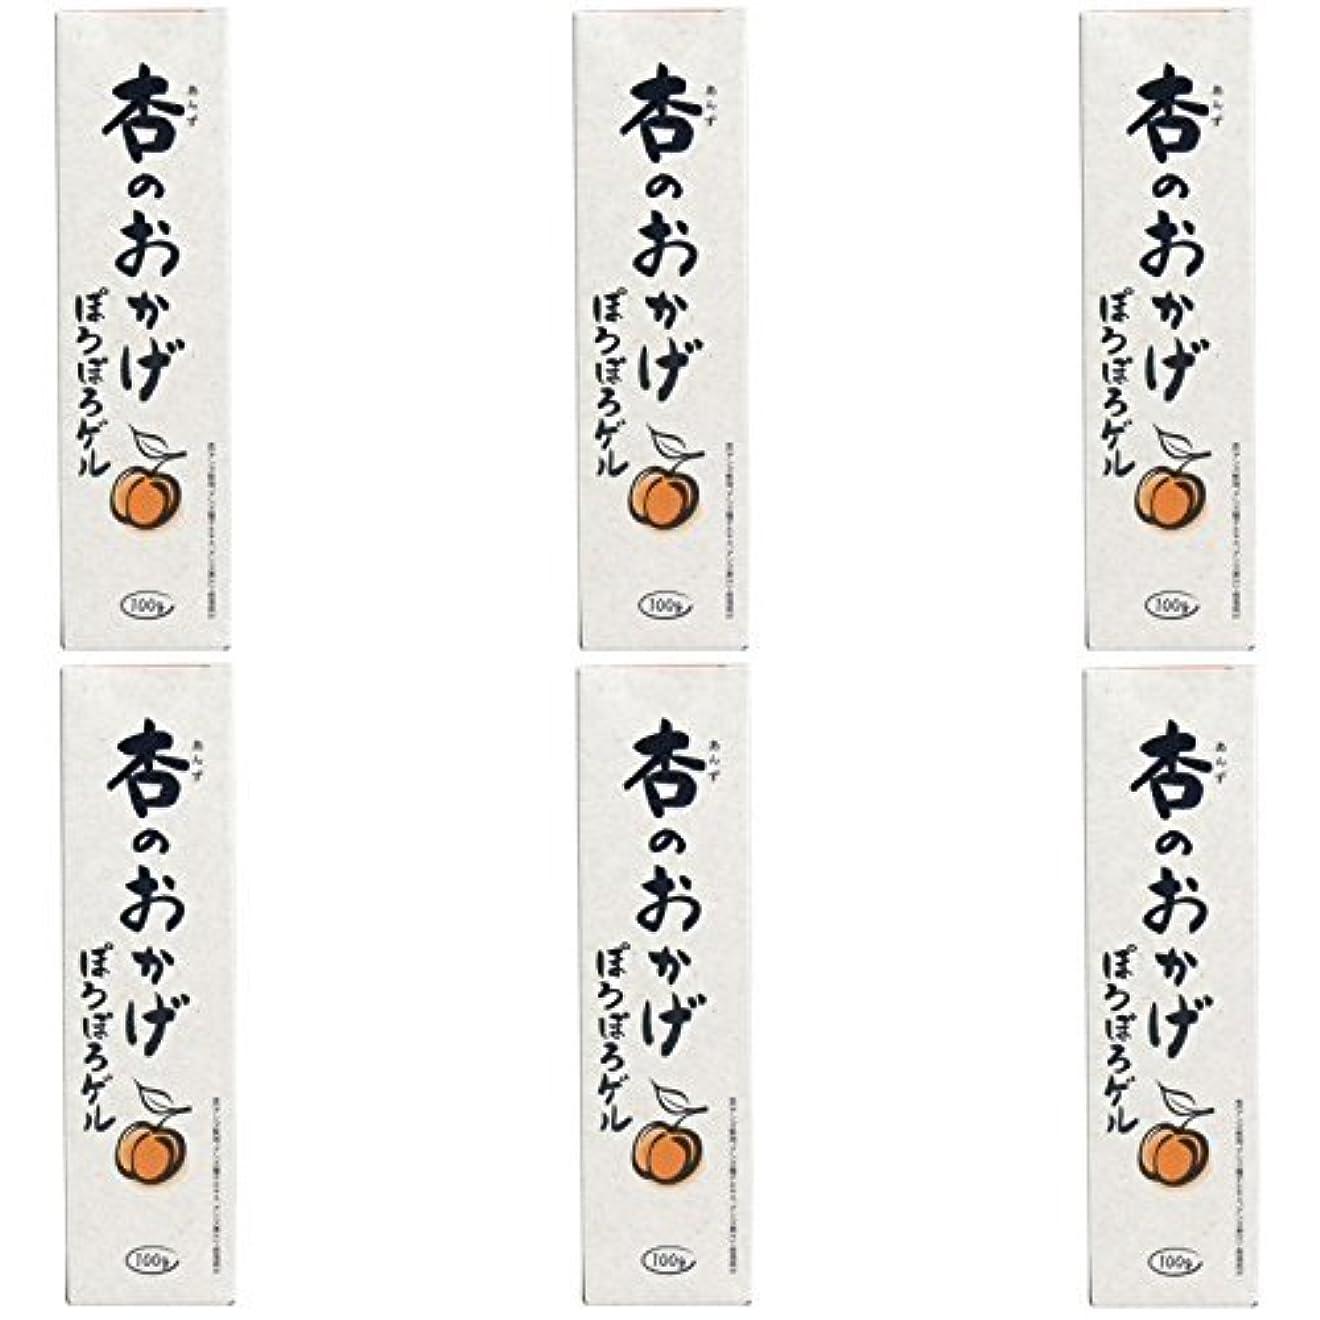 使用法宙返り読みやすい【まとめ買い】杏のおかげ ぽろぽろゲル 100g【×6個】